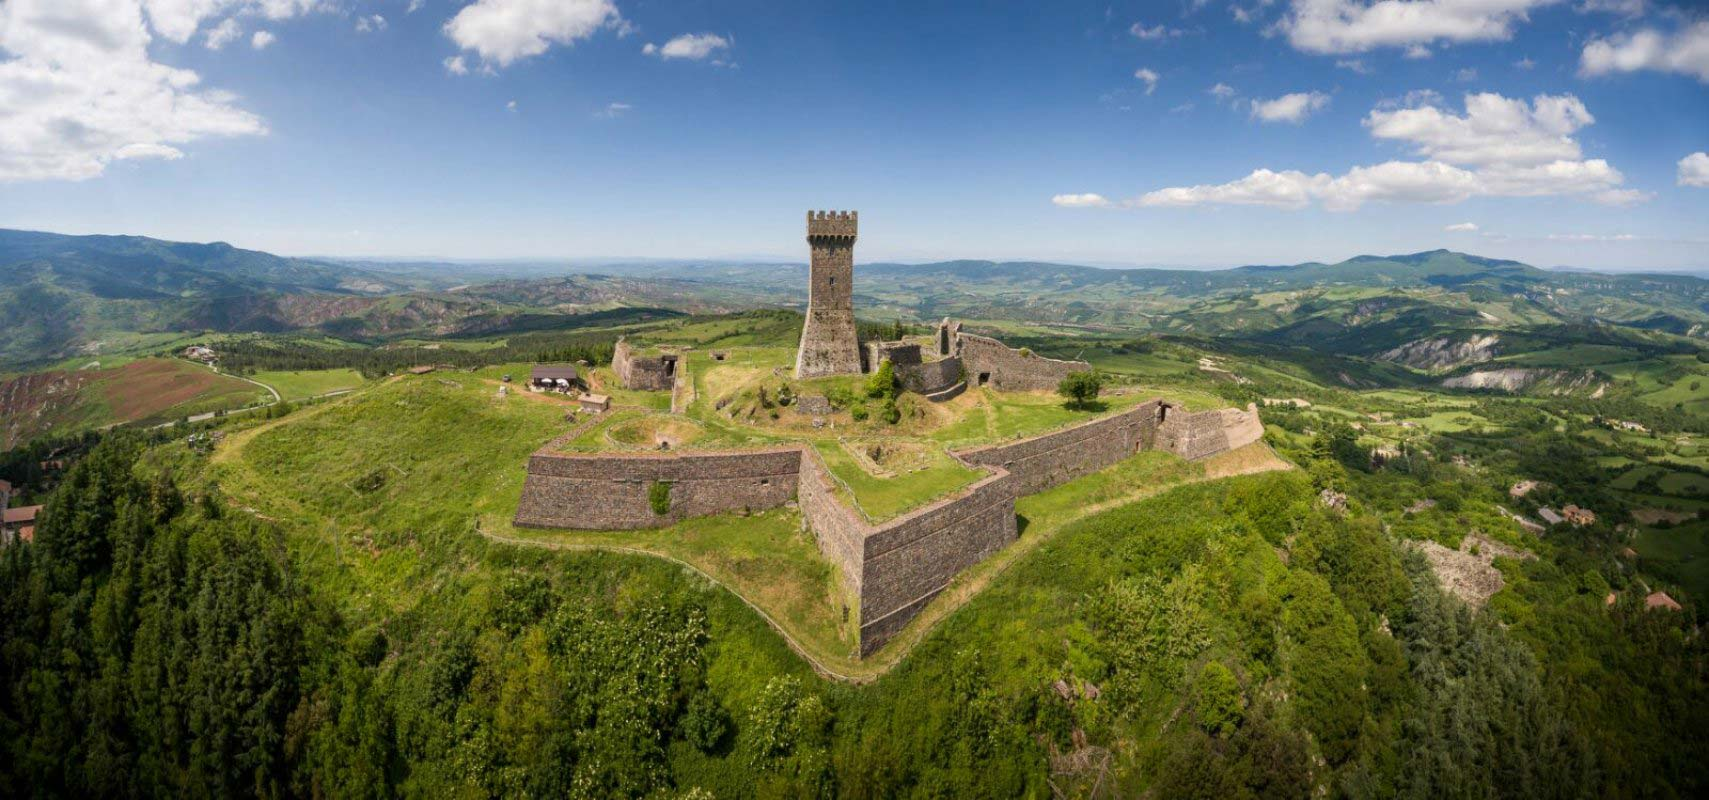 Radicofani fortress